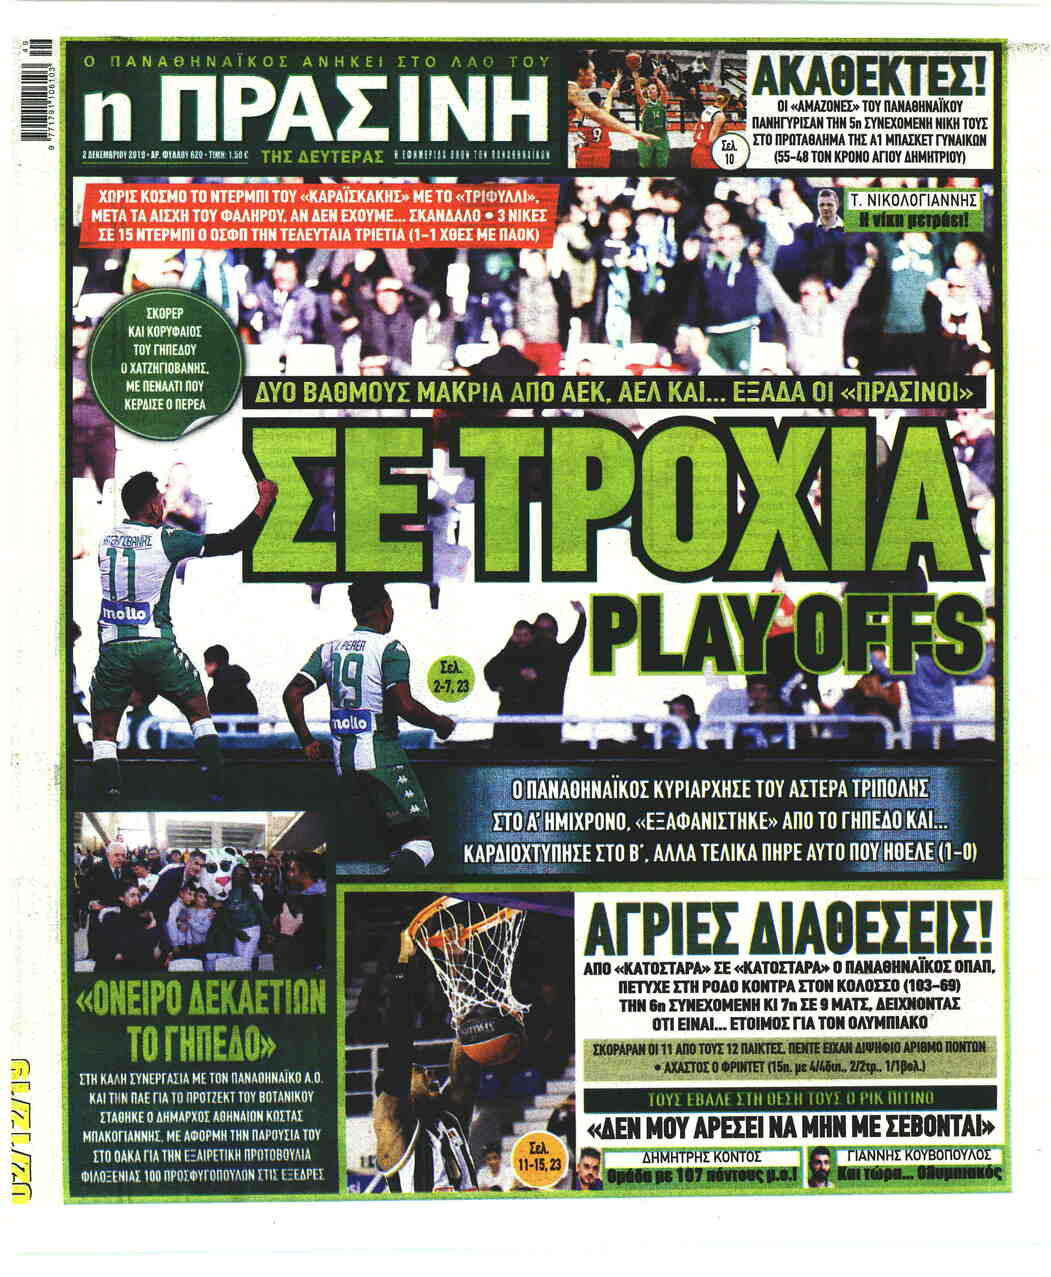 Πρωτοσέλιδο εφημερίδας Η Πράσινη